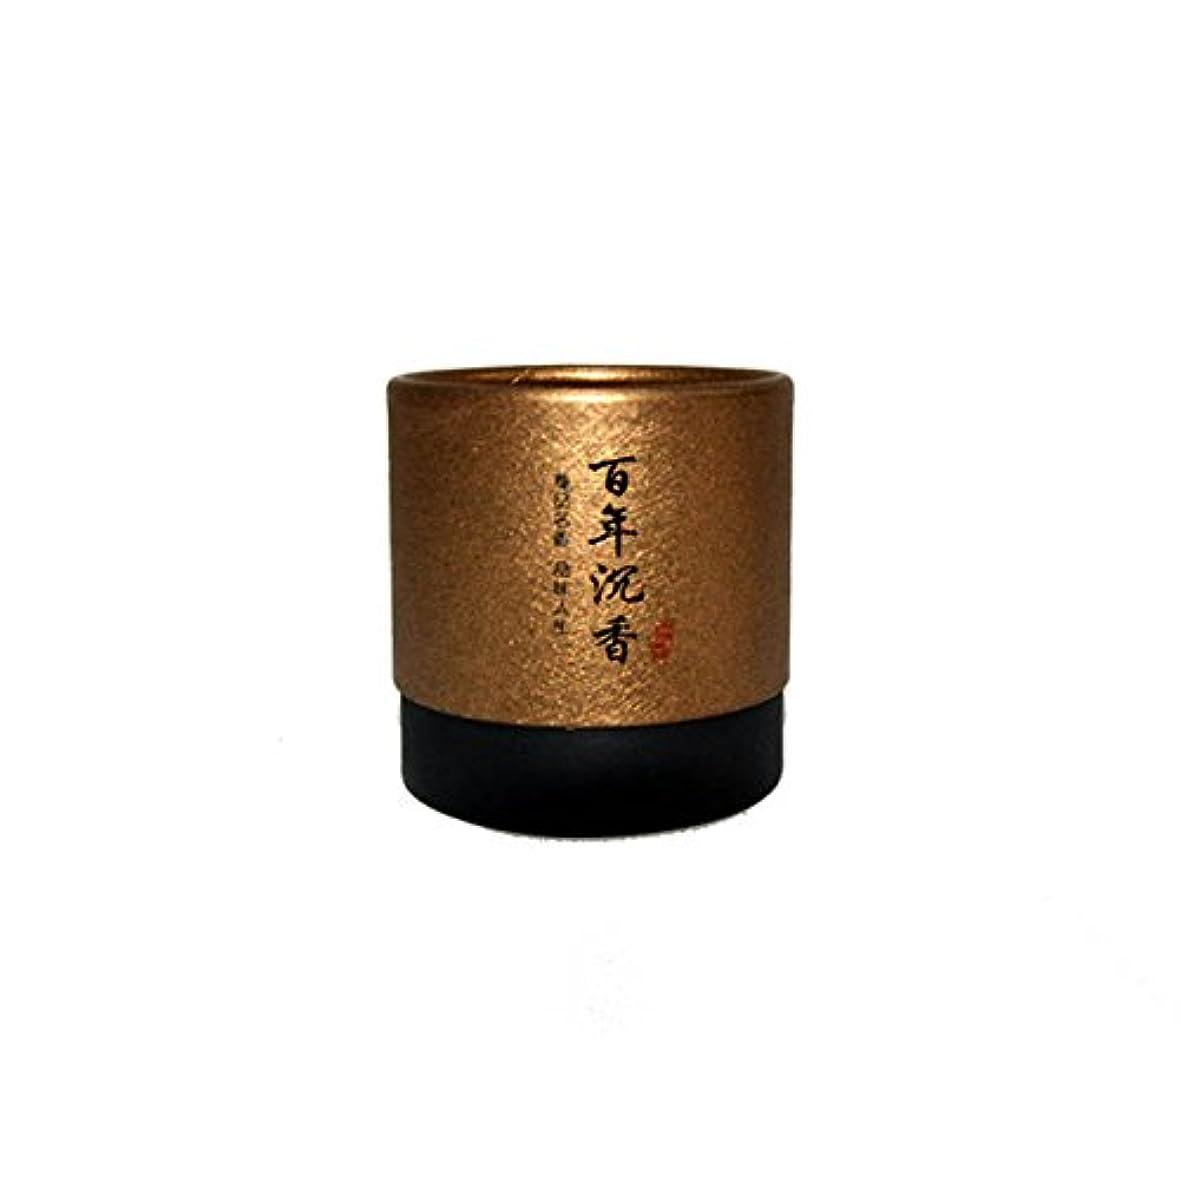 投げるクリスマス個人天然仏香; ビャクダン; きゃら;じんこう;線香;神具; 仏具; 一护の健康; マッサージを缓める; あん摩する